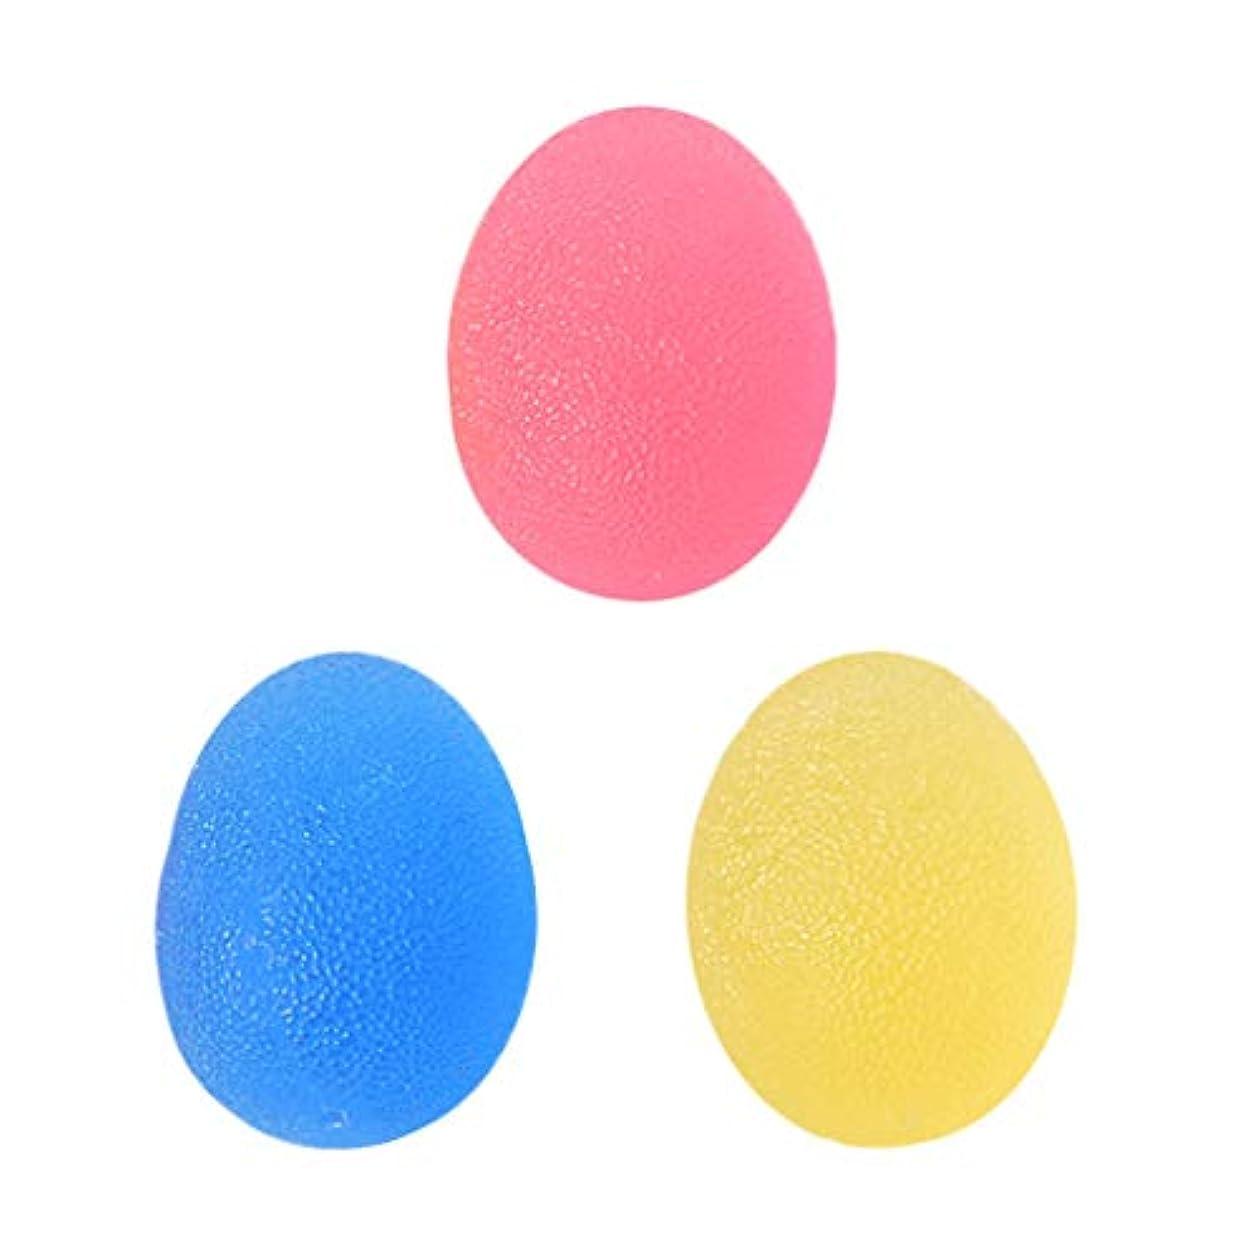 省略する肌寒いマークBaoblaze 3個 ハンドエクササイザ スクイズボール ツボ押し 強度ボール TPE製